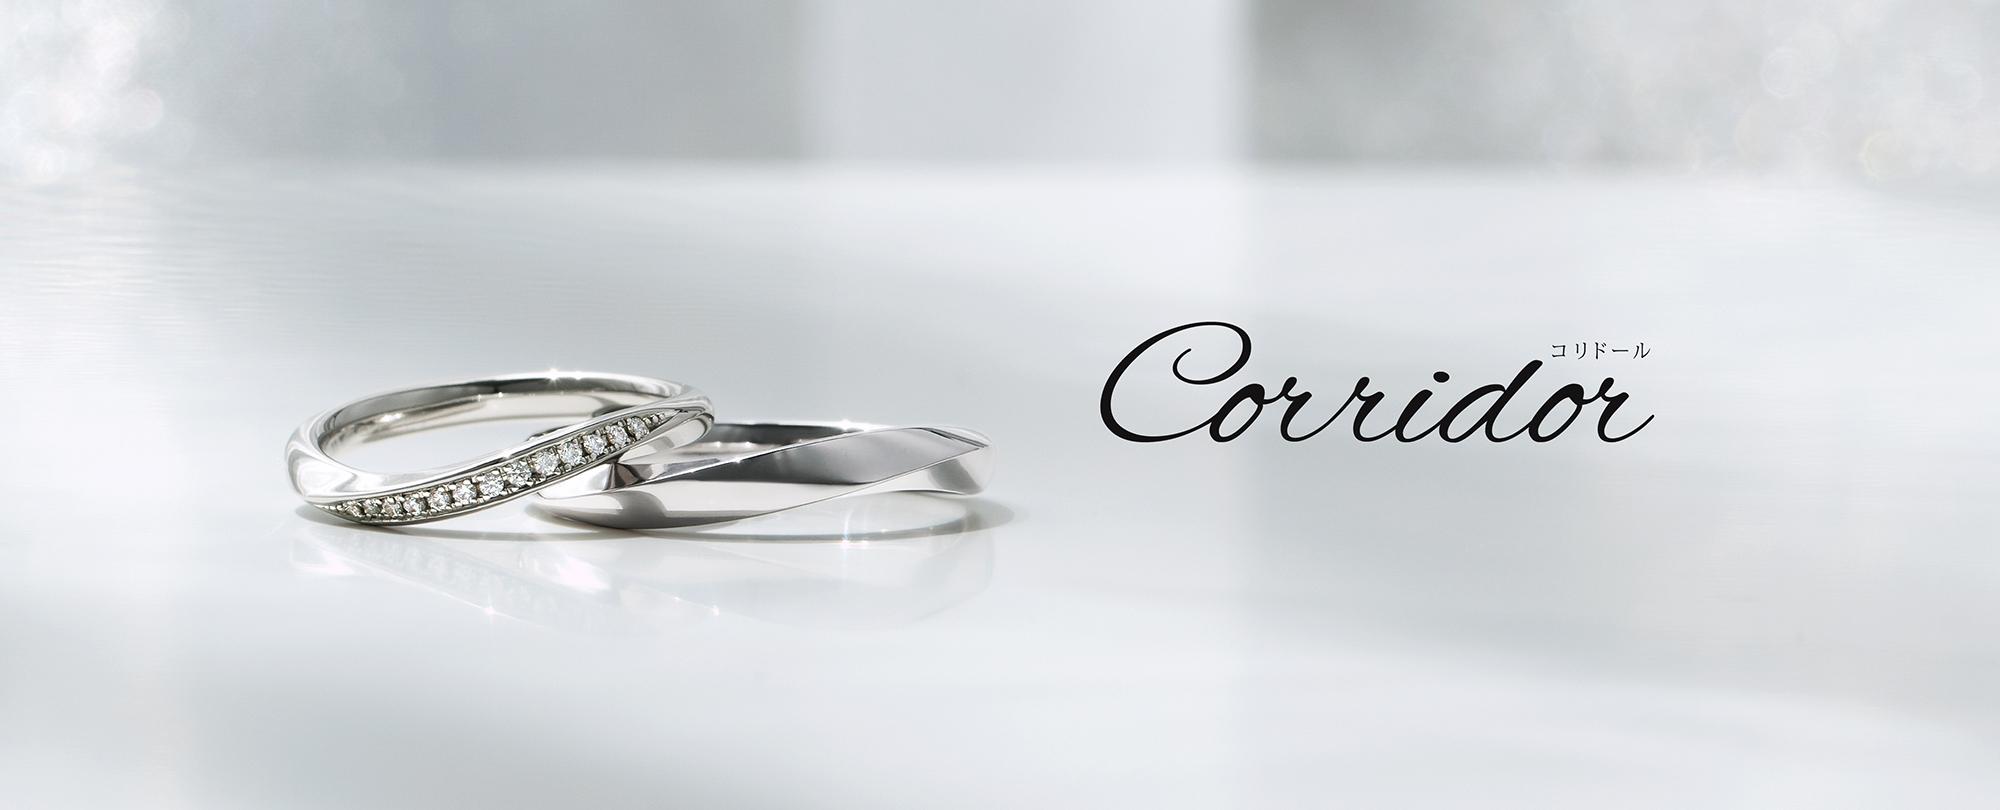 婚約指輪 コリドール・カルテッド ダイヤモンドリング